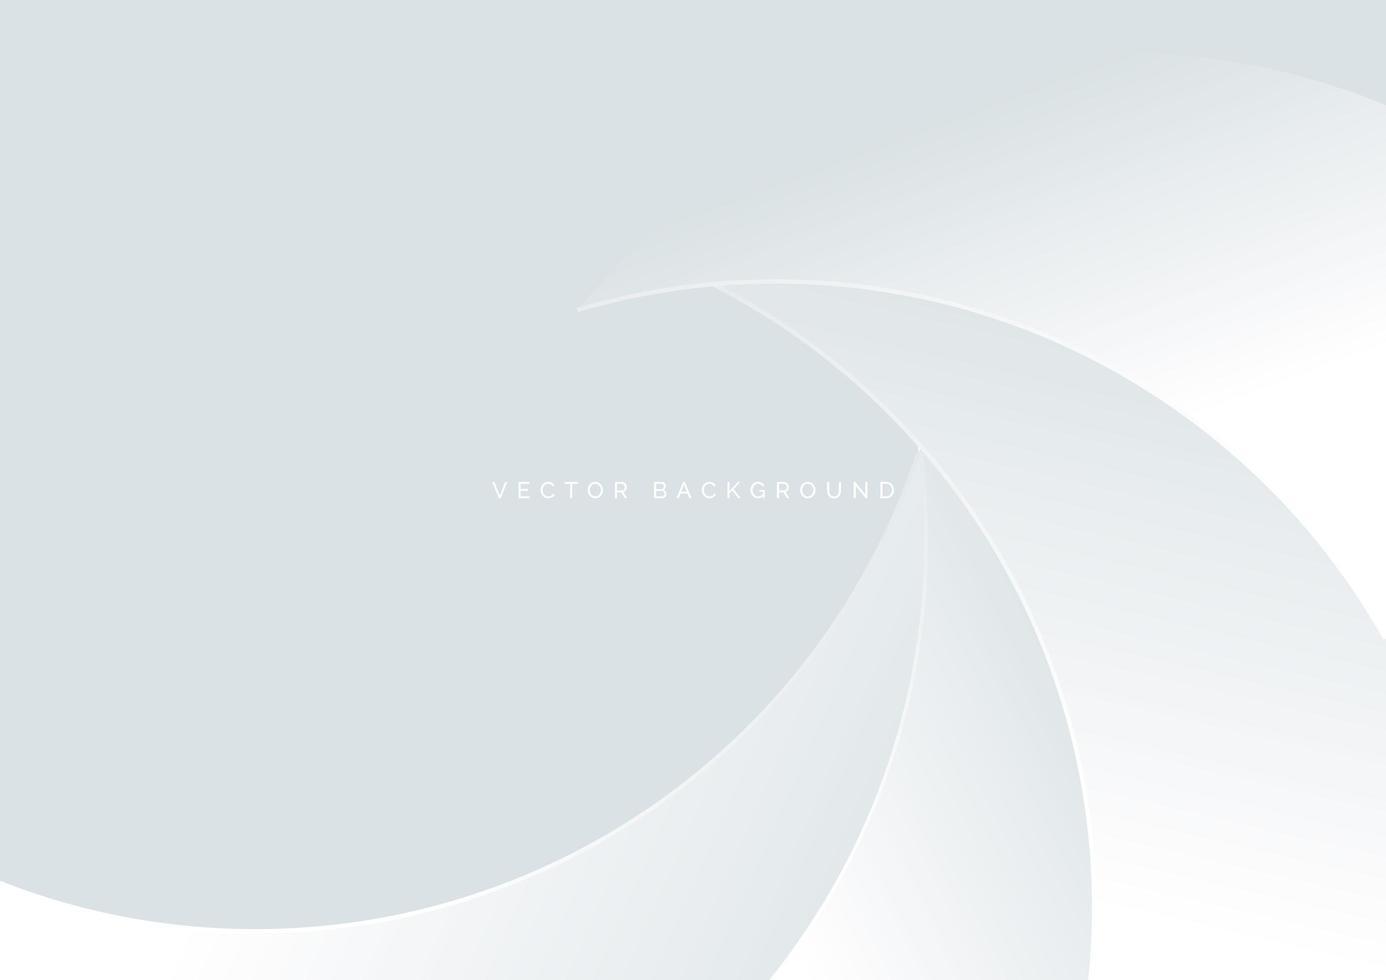 weiße Überlappung der abstrakten Kurve auf weißem Hintergrund vektor